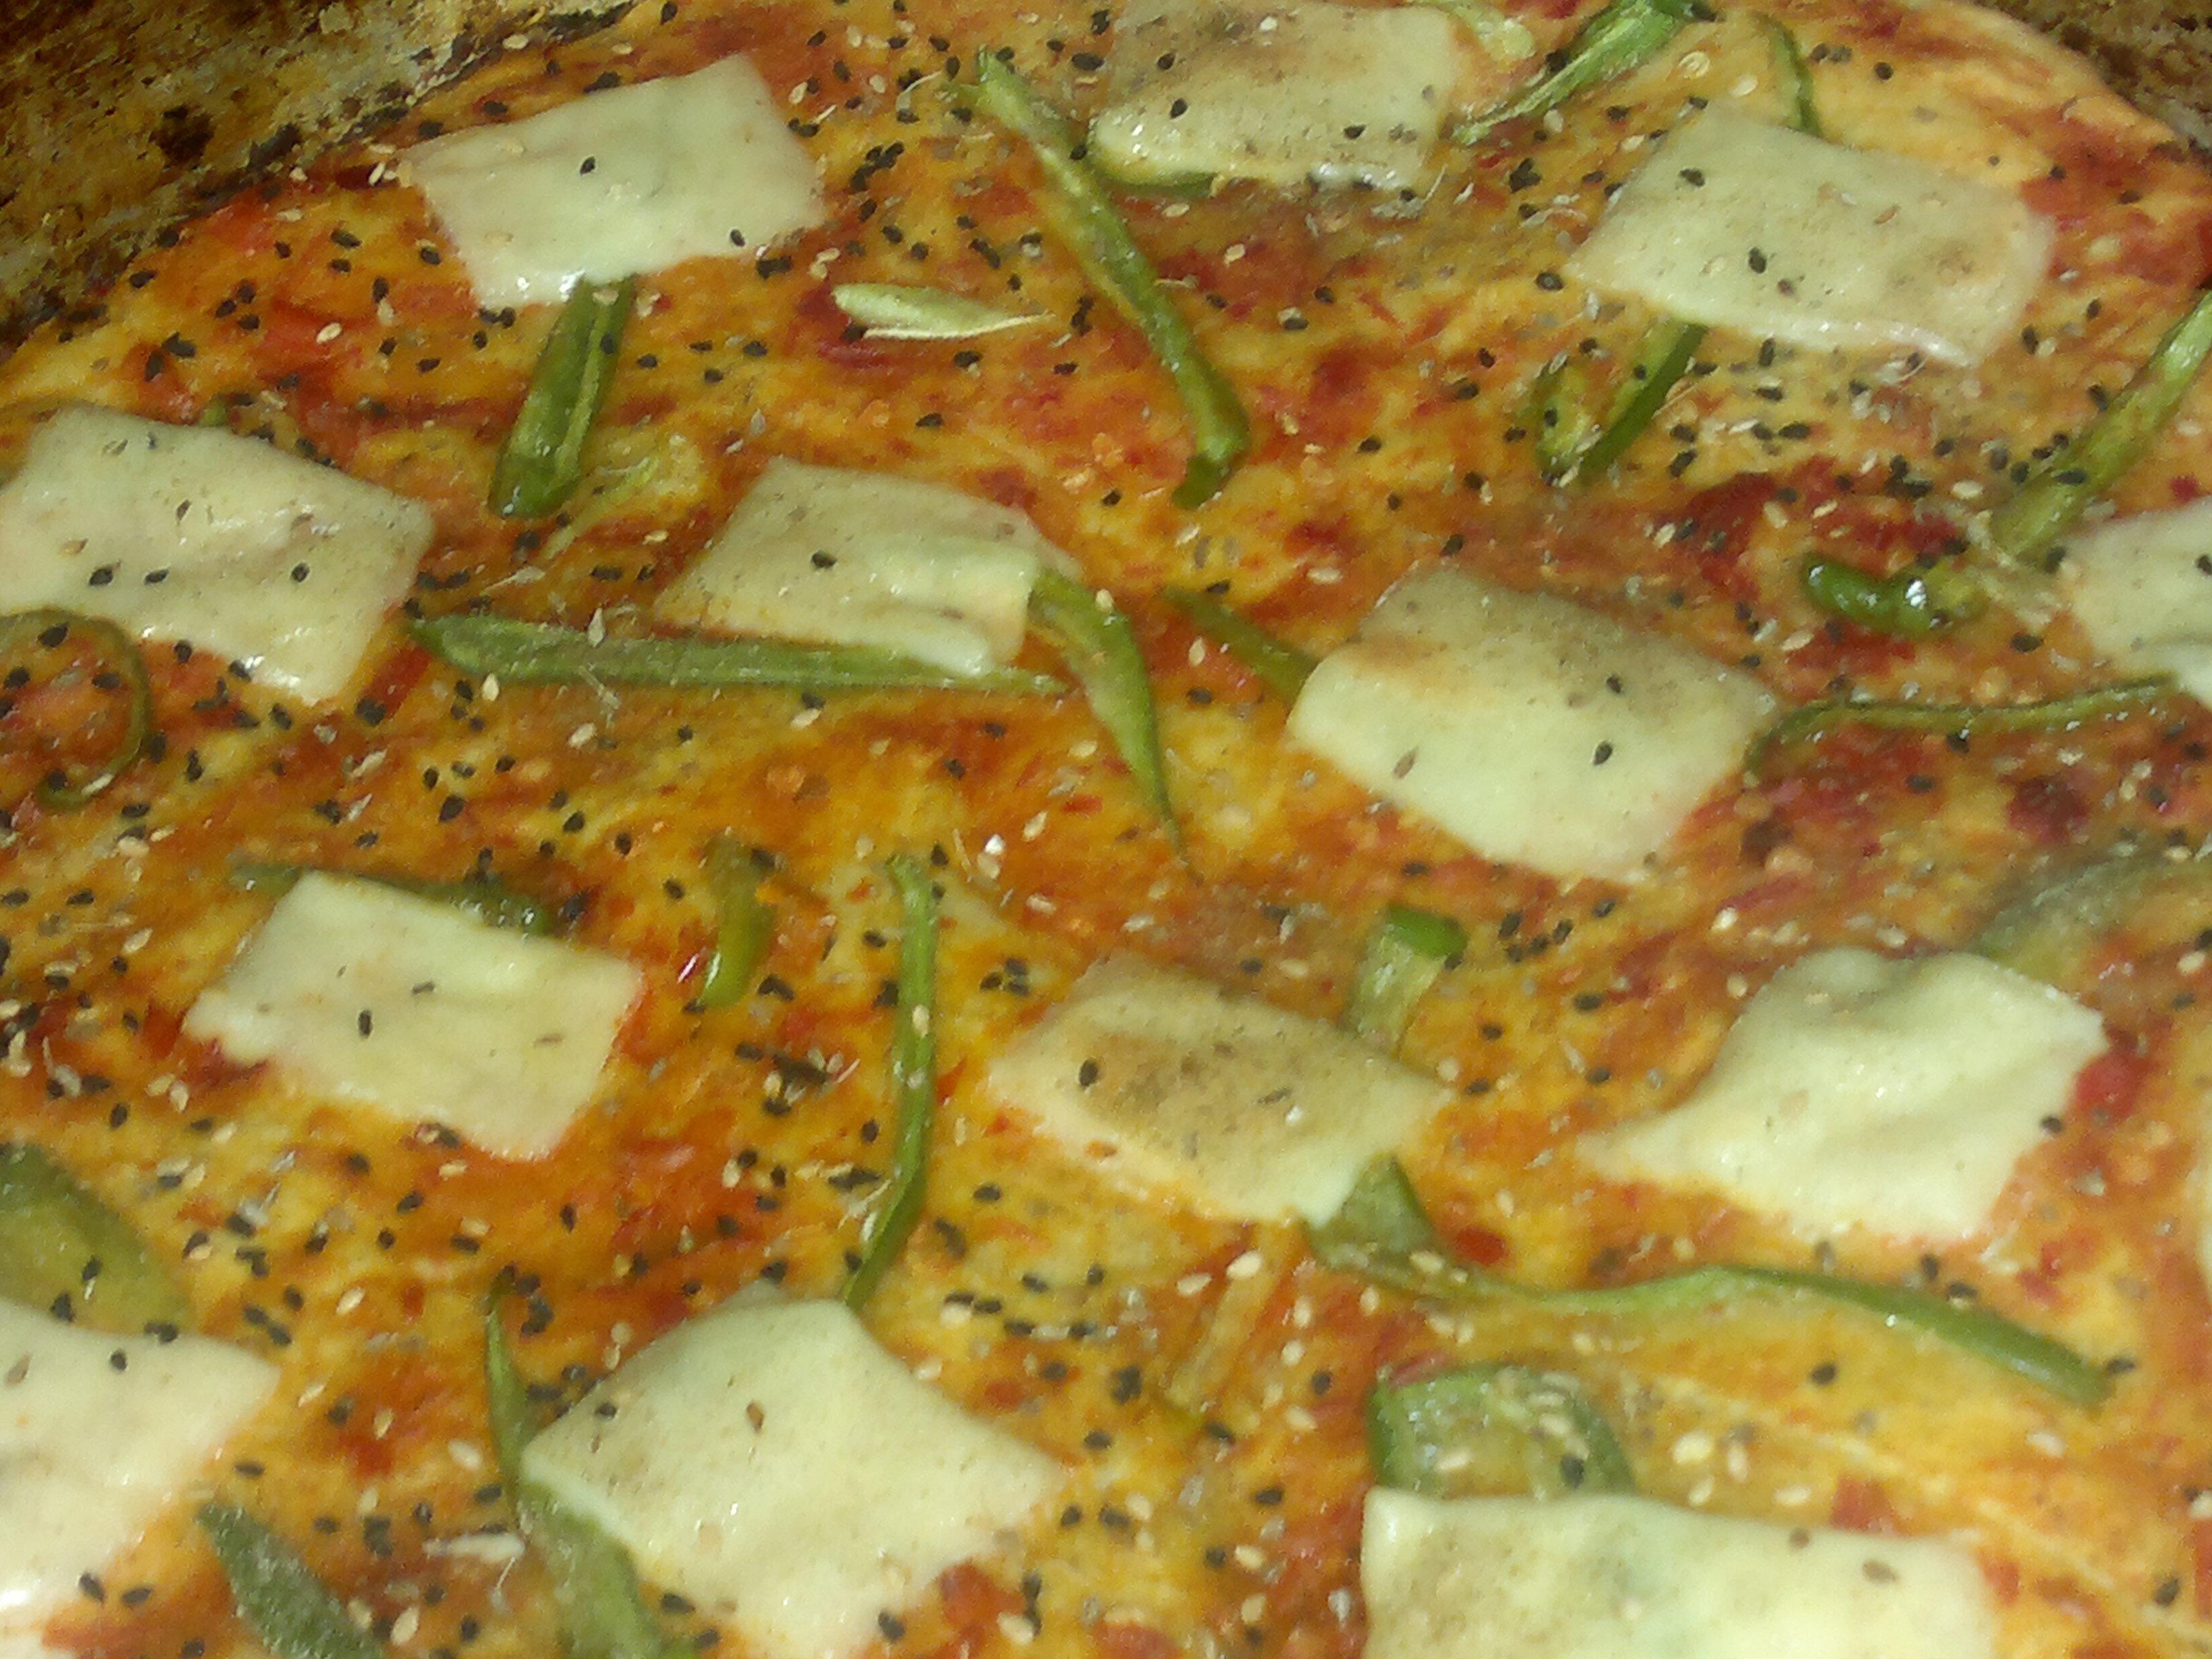 البيتزا بـأعشاب التخسيس 13887060952.jpg